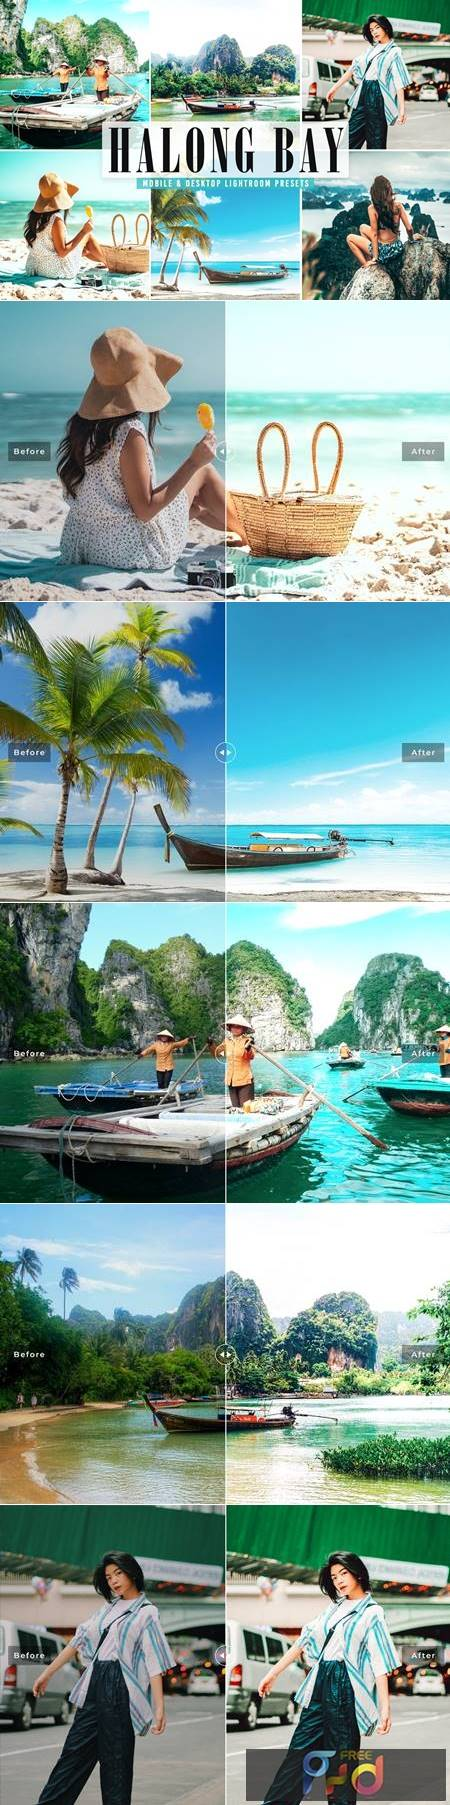 Halong Bay Mobile & Desktop Lightroom Presets Z967HJ9 1